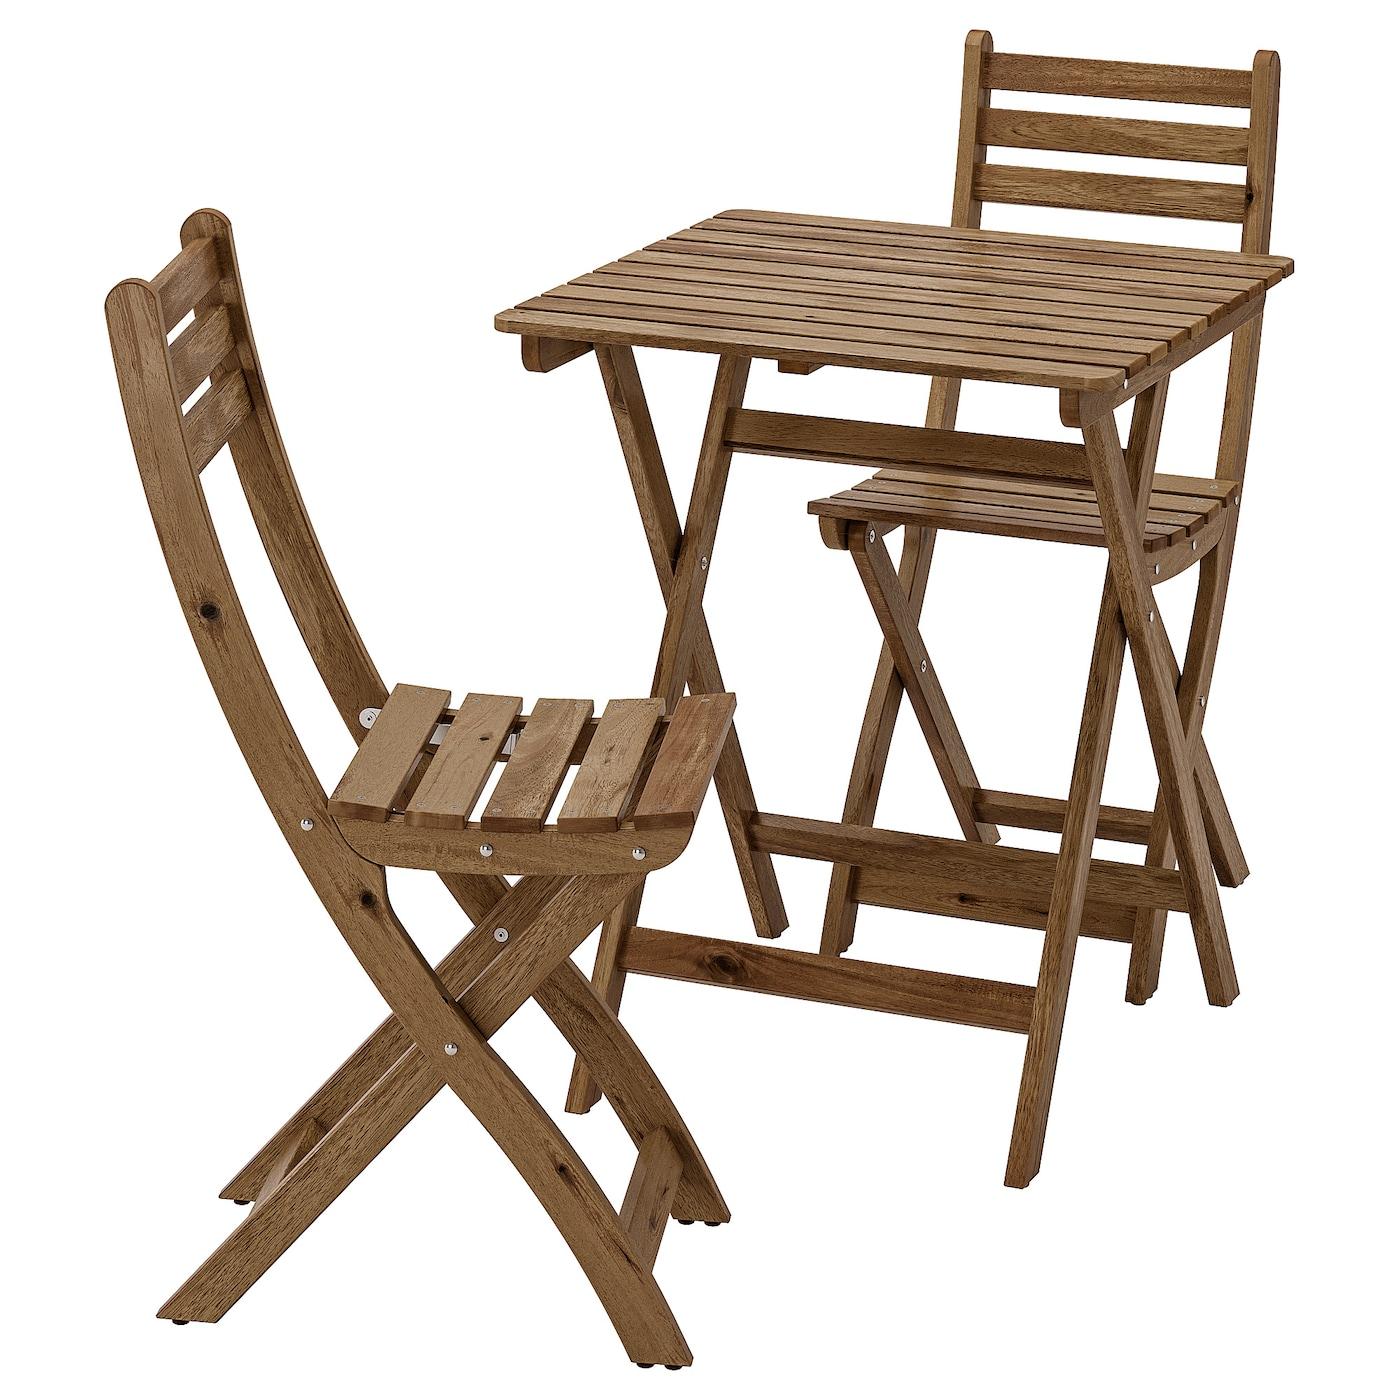 Full Size of Ikea Gartentisch Askholmen Tisch 2 Sthle Auen Grau Graubraun Lasiert Küche Kosten Betten Bei Kaufen Sofa Mit Schlaffunktion Modulküche Miniküche 160x200 Wohnzimmer Ikea Gartentisch